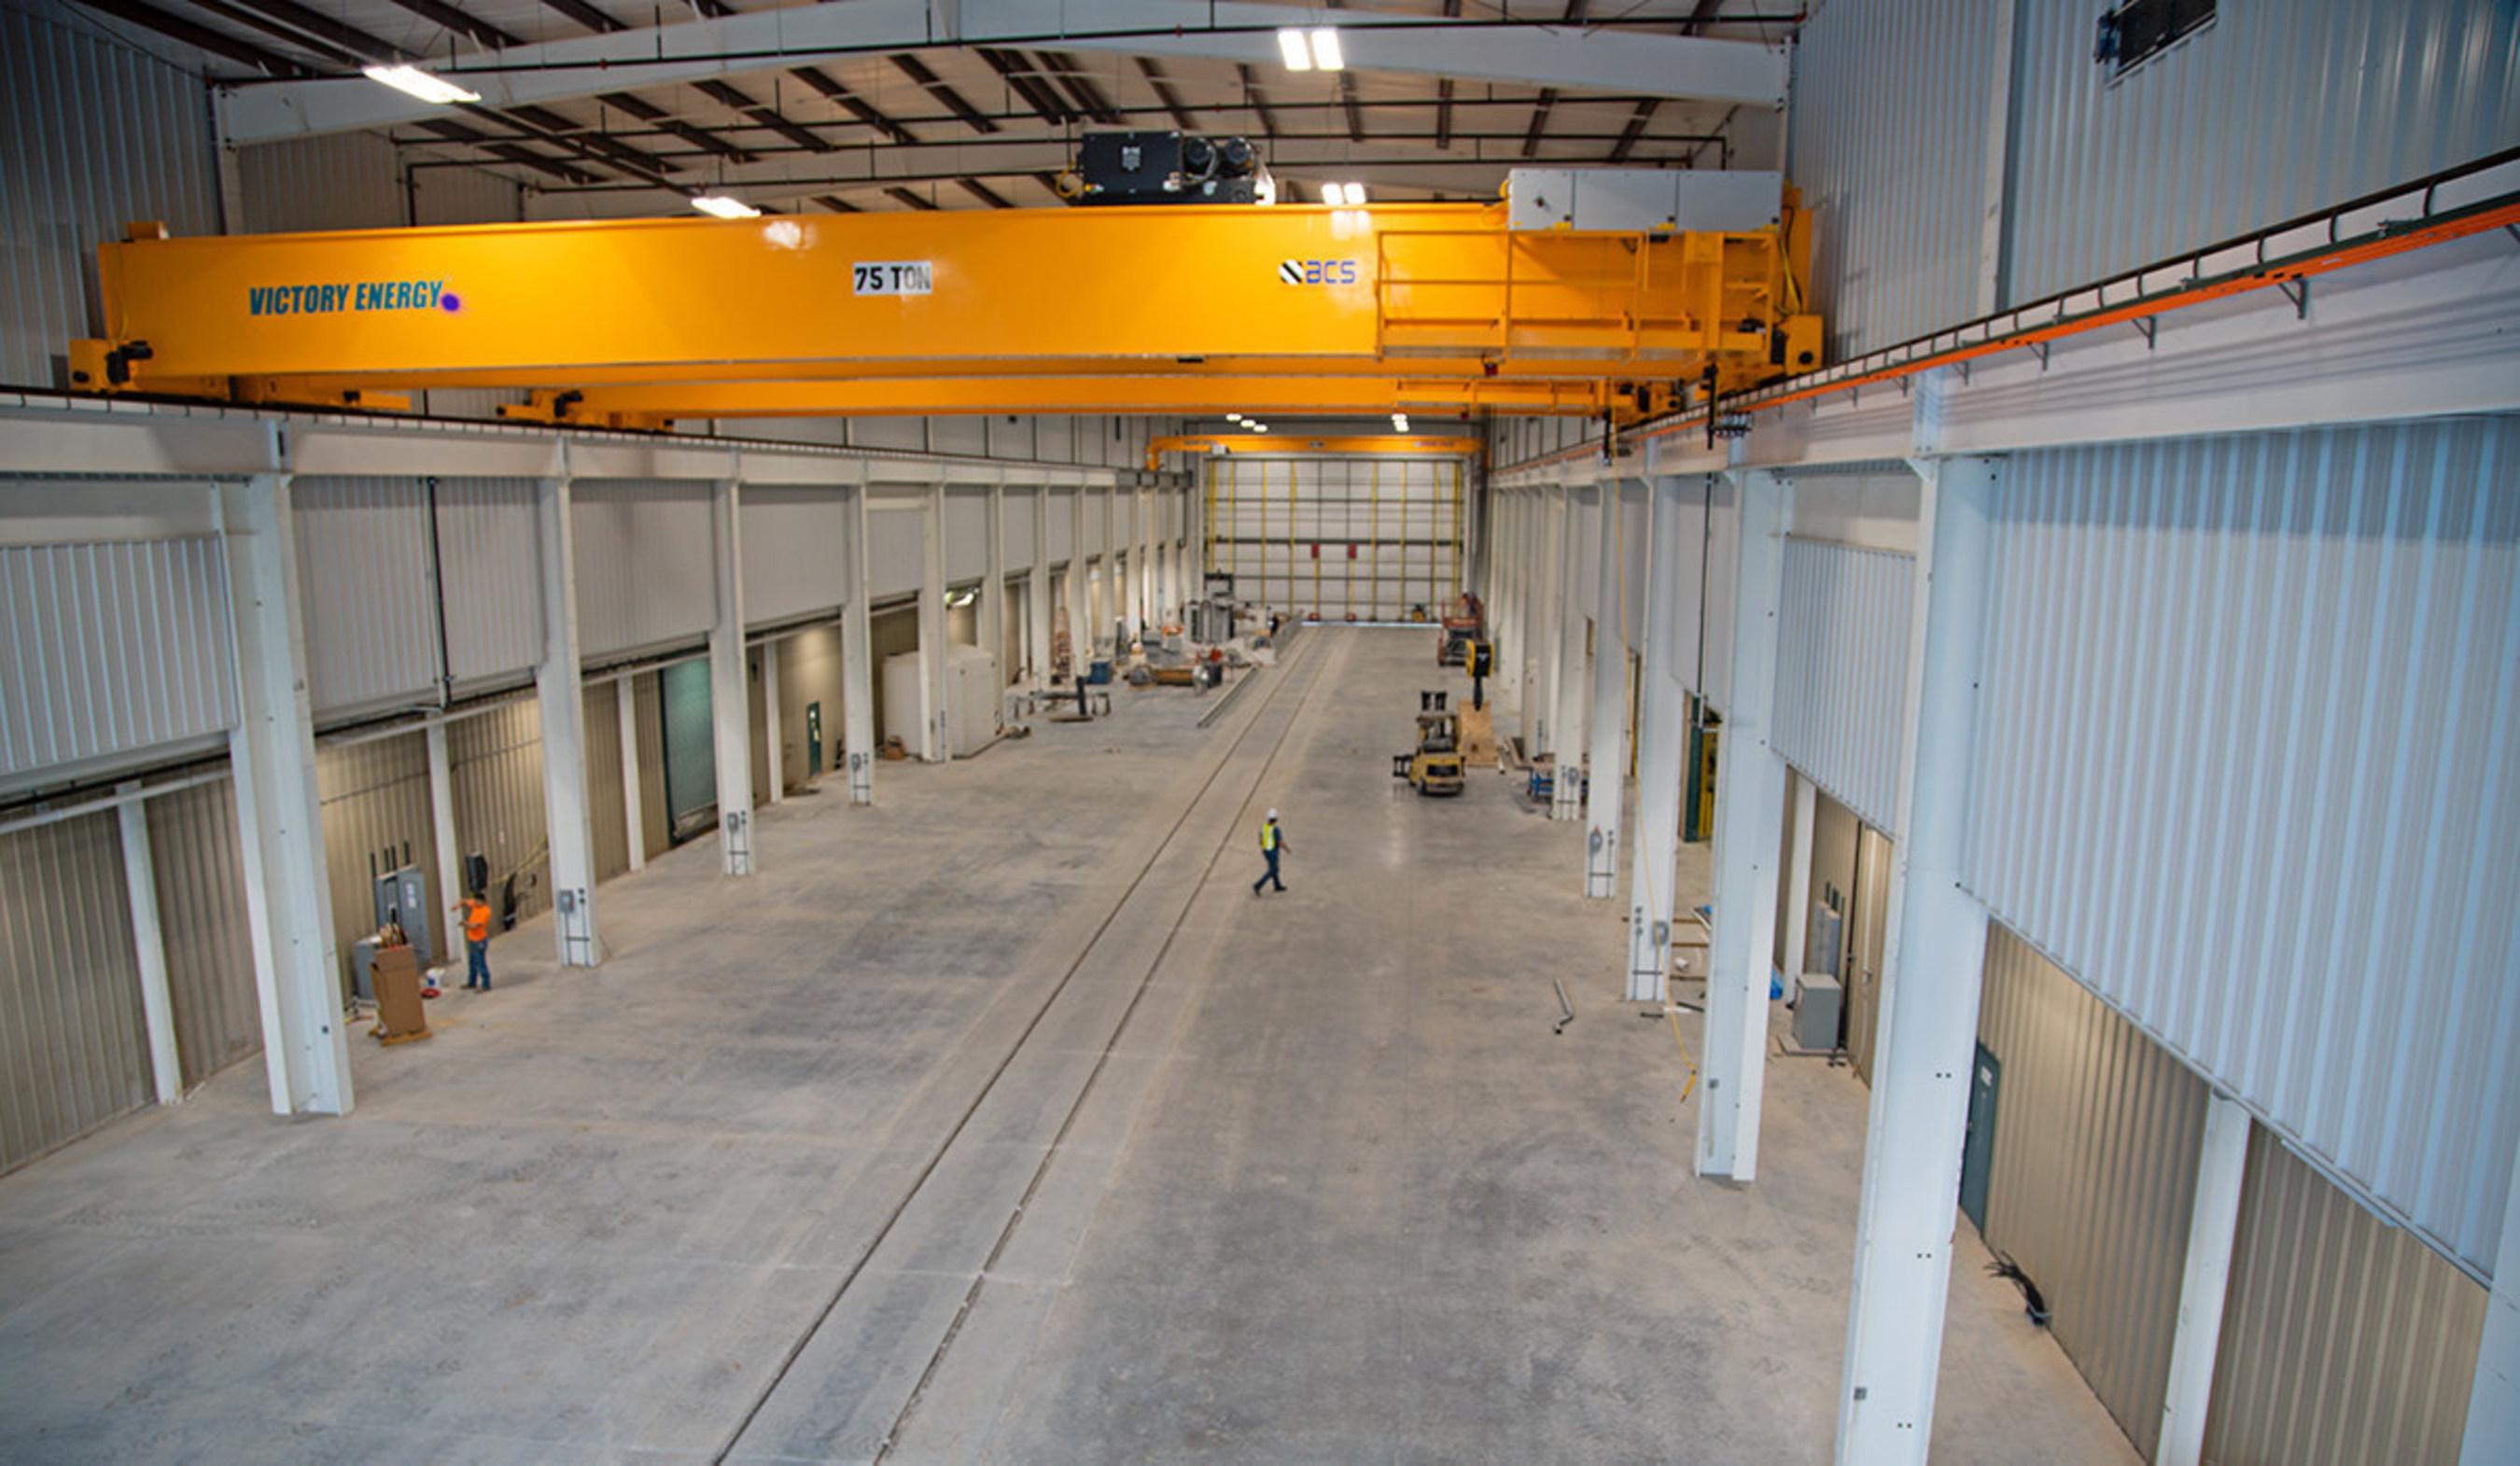 41-foot Ceilings utilize 75-ton cranes.